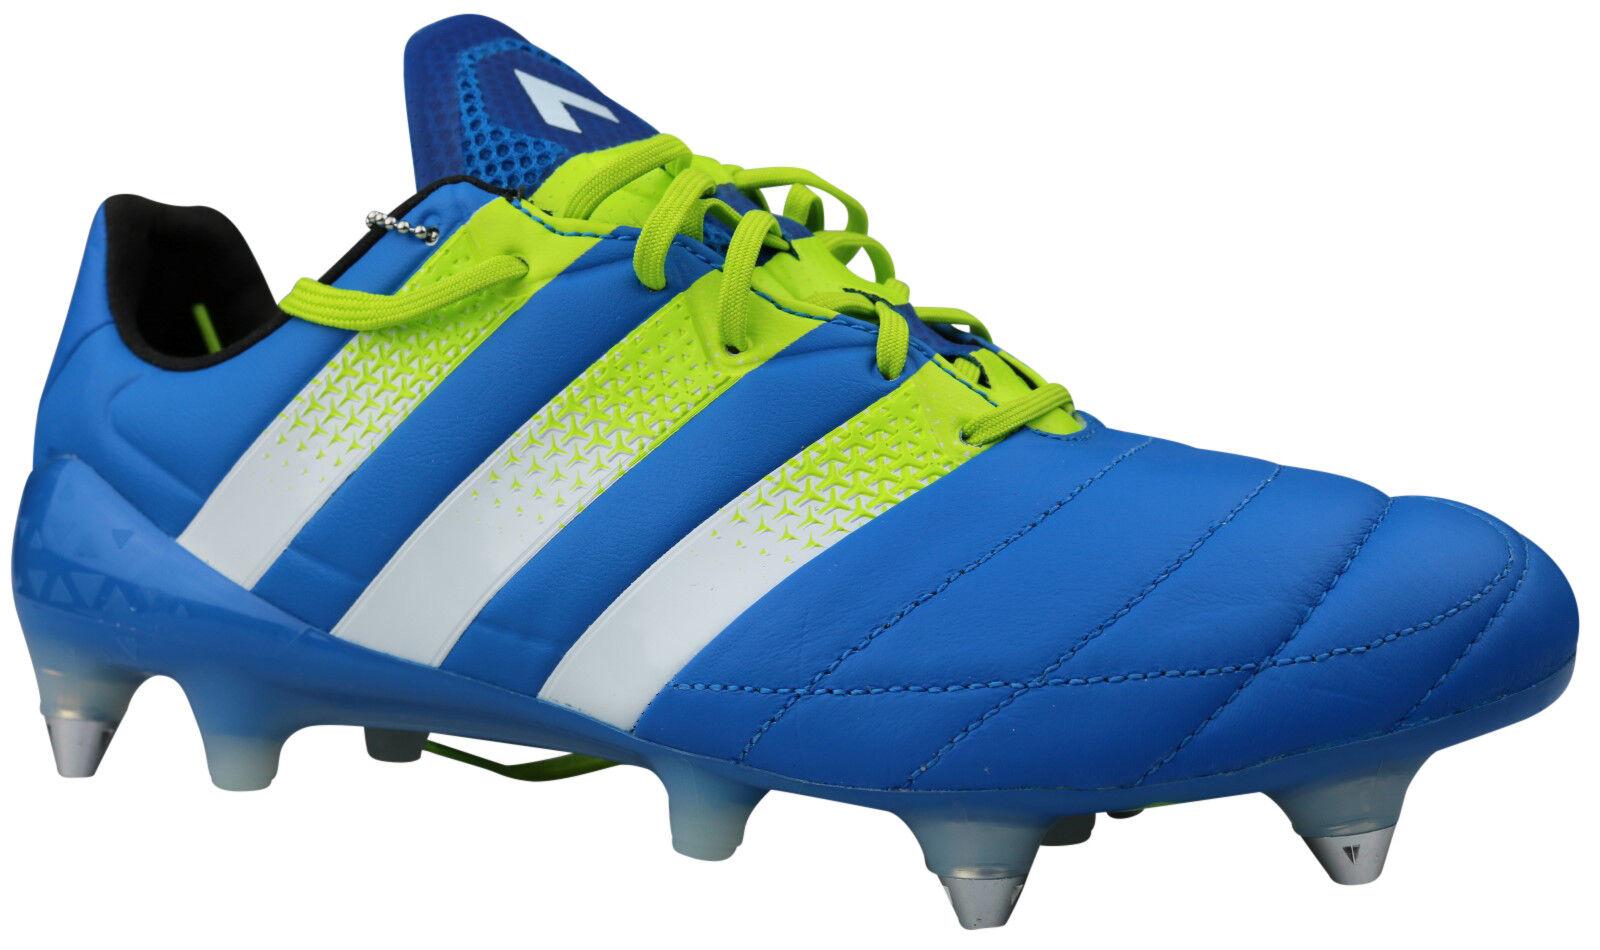 Adidas Ace 16.1 sg botas de  fútbol s32066 cuero galerías azul Gr. 42 nuevo embalaje original  precios bajos todos los dias